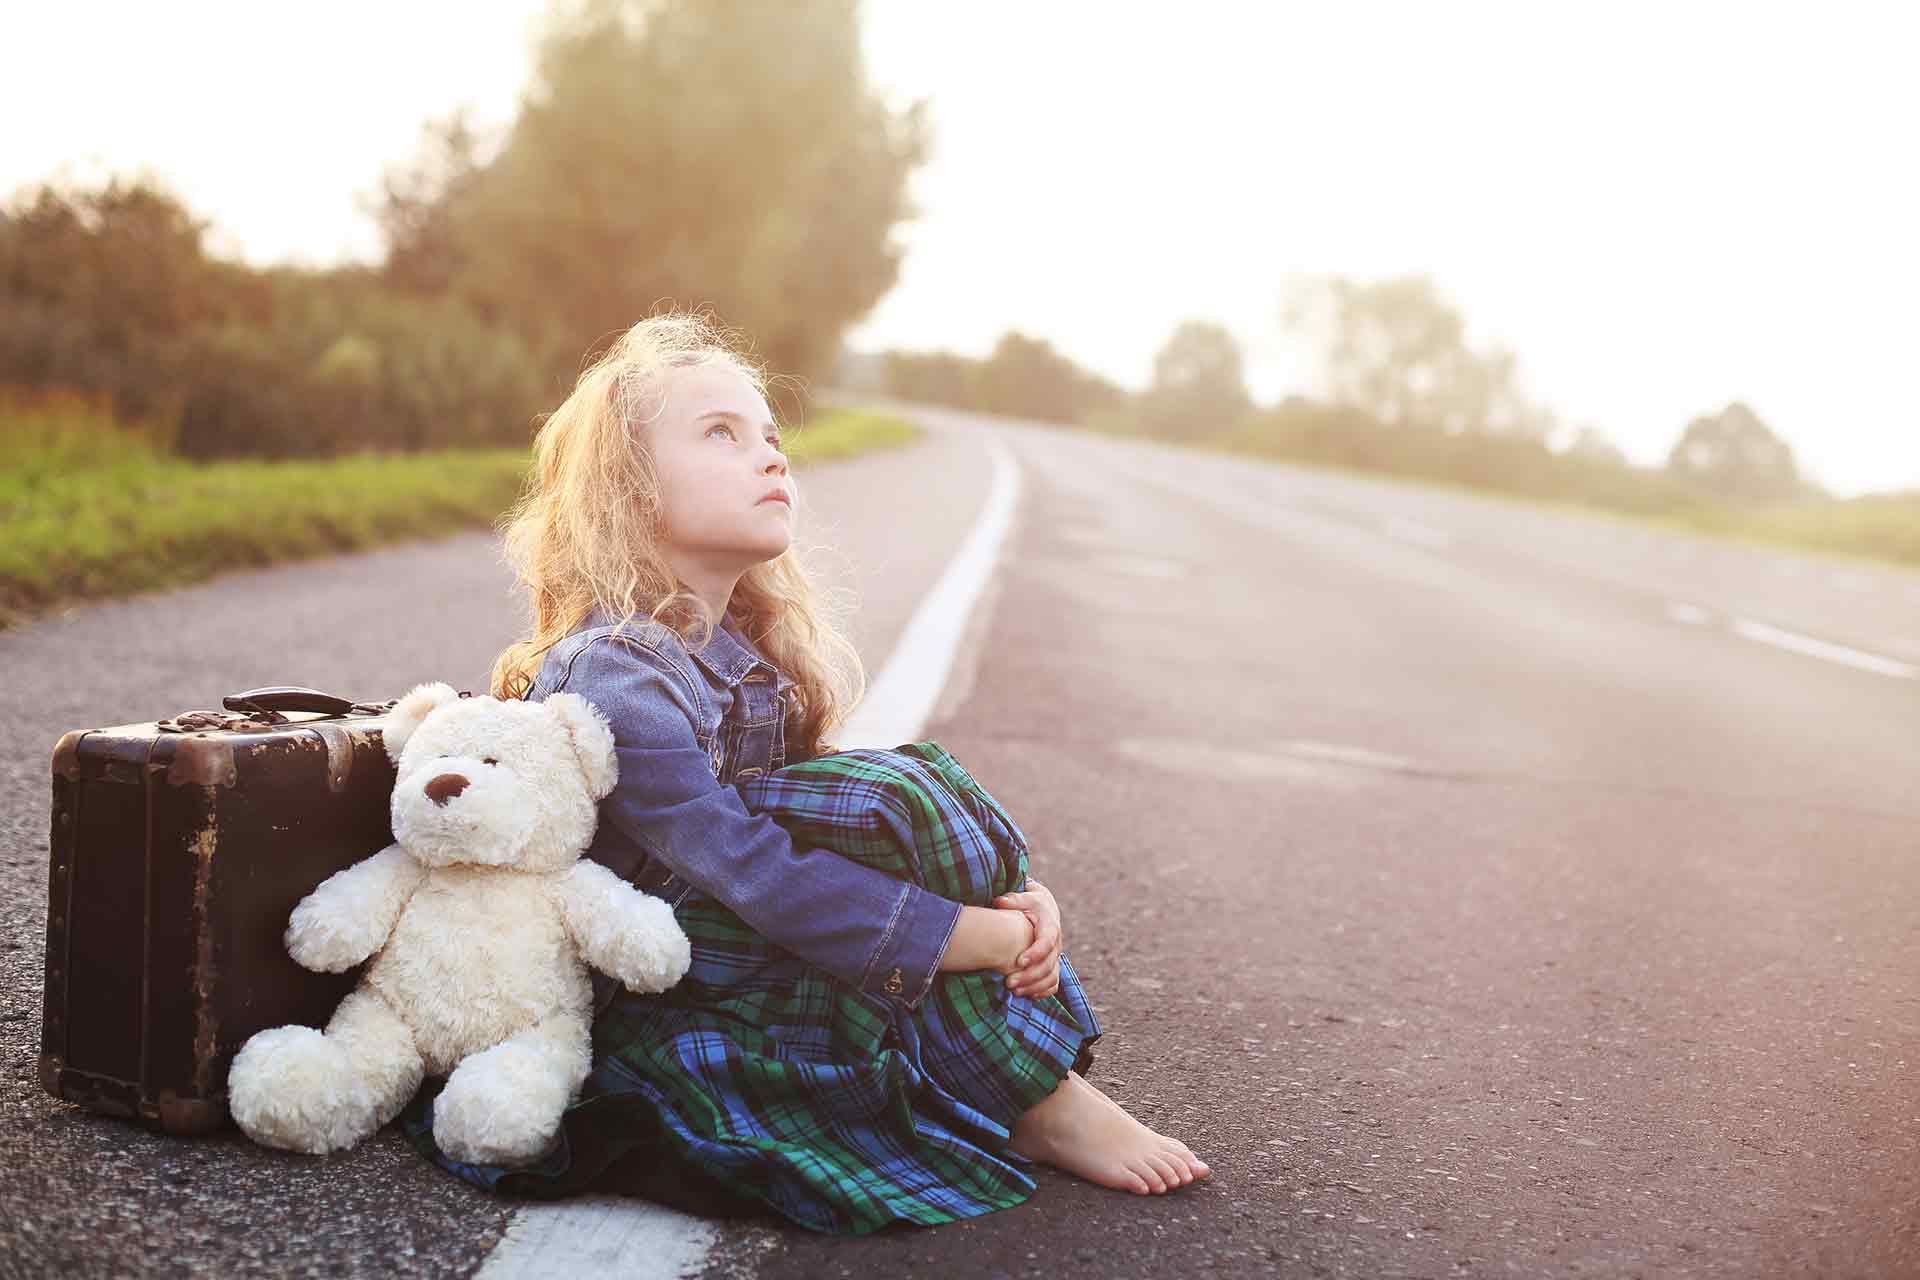 Pige sidder helt alene i vejkanten med sin bamse og sin kuffert